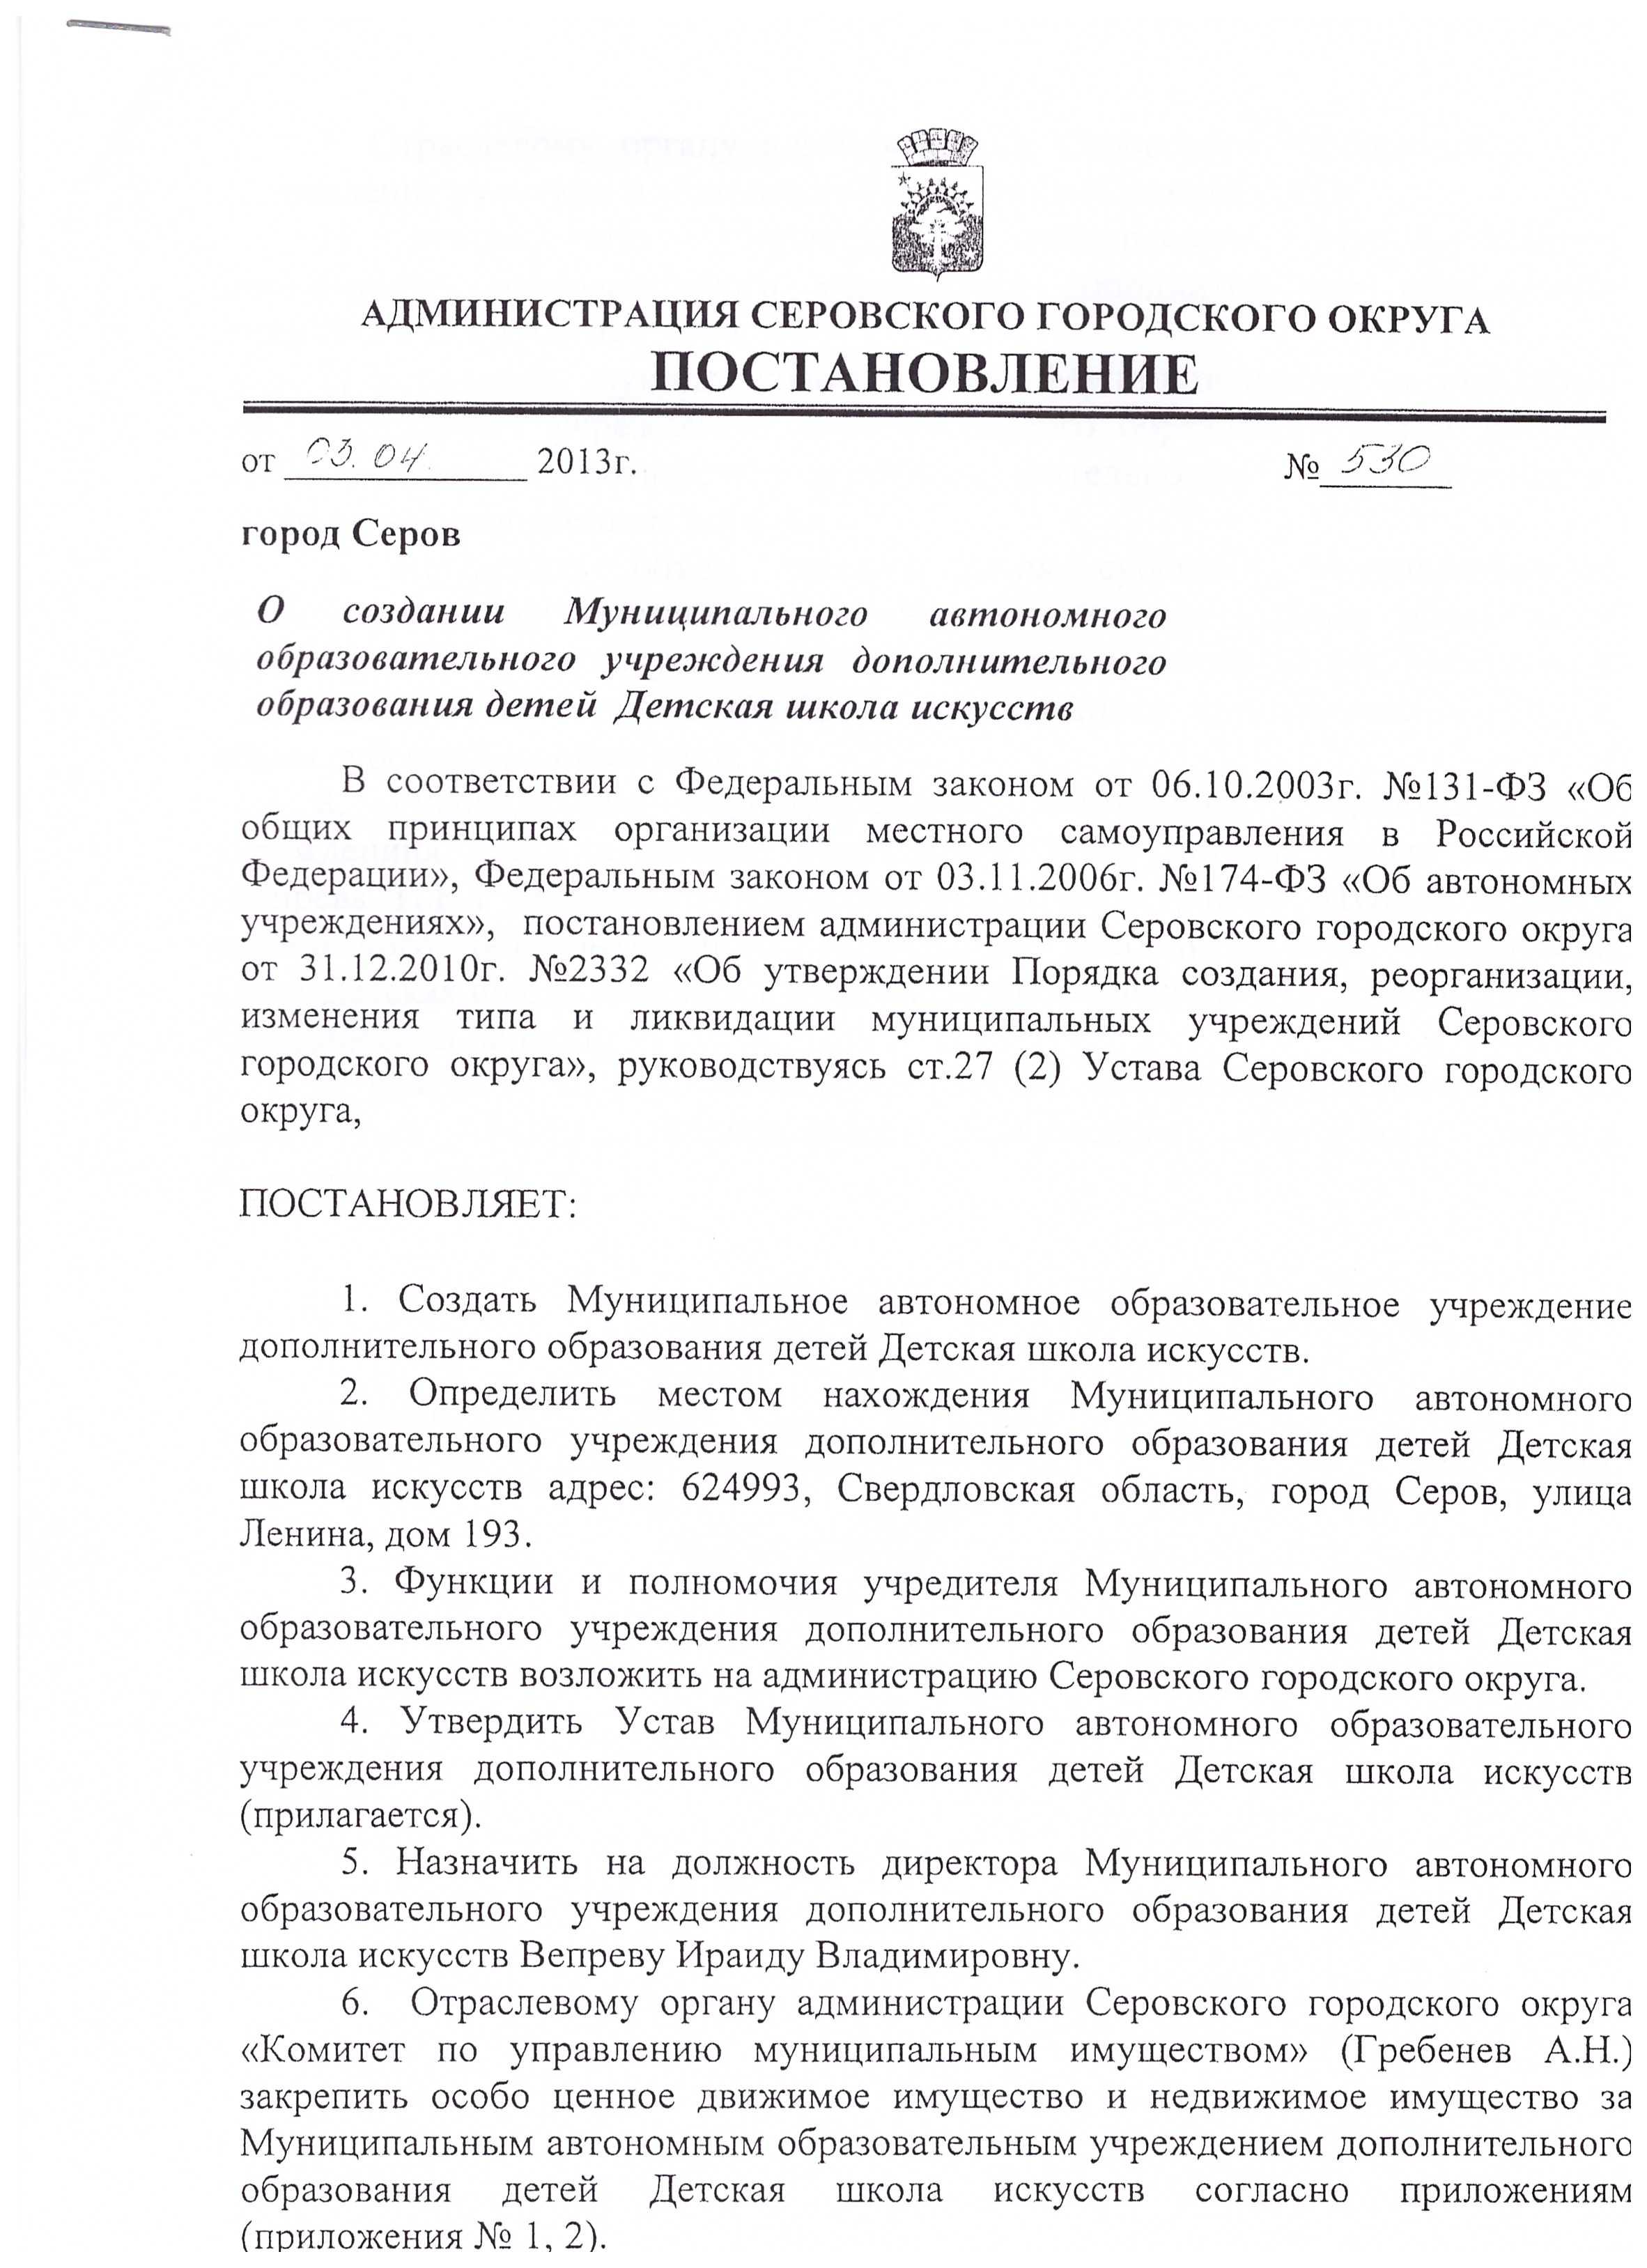 Постановление Учредителя о создании МАОУ ДОД ДШИ